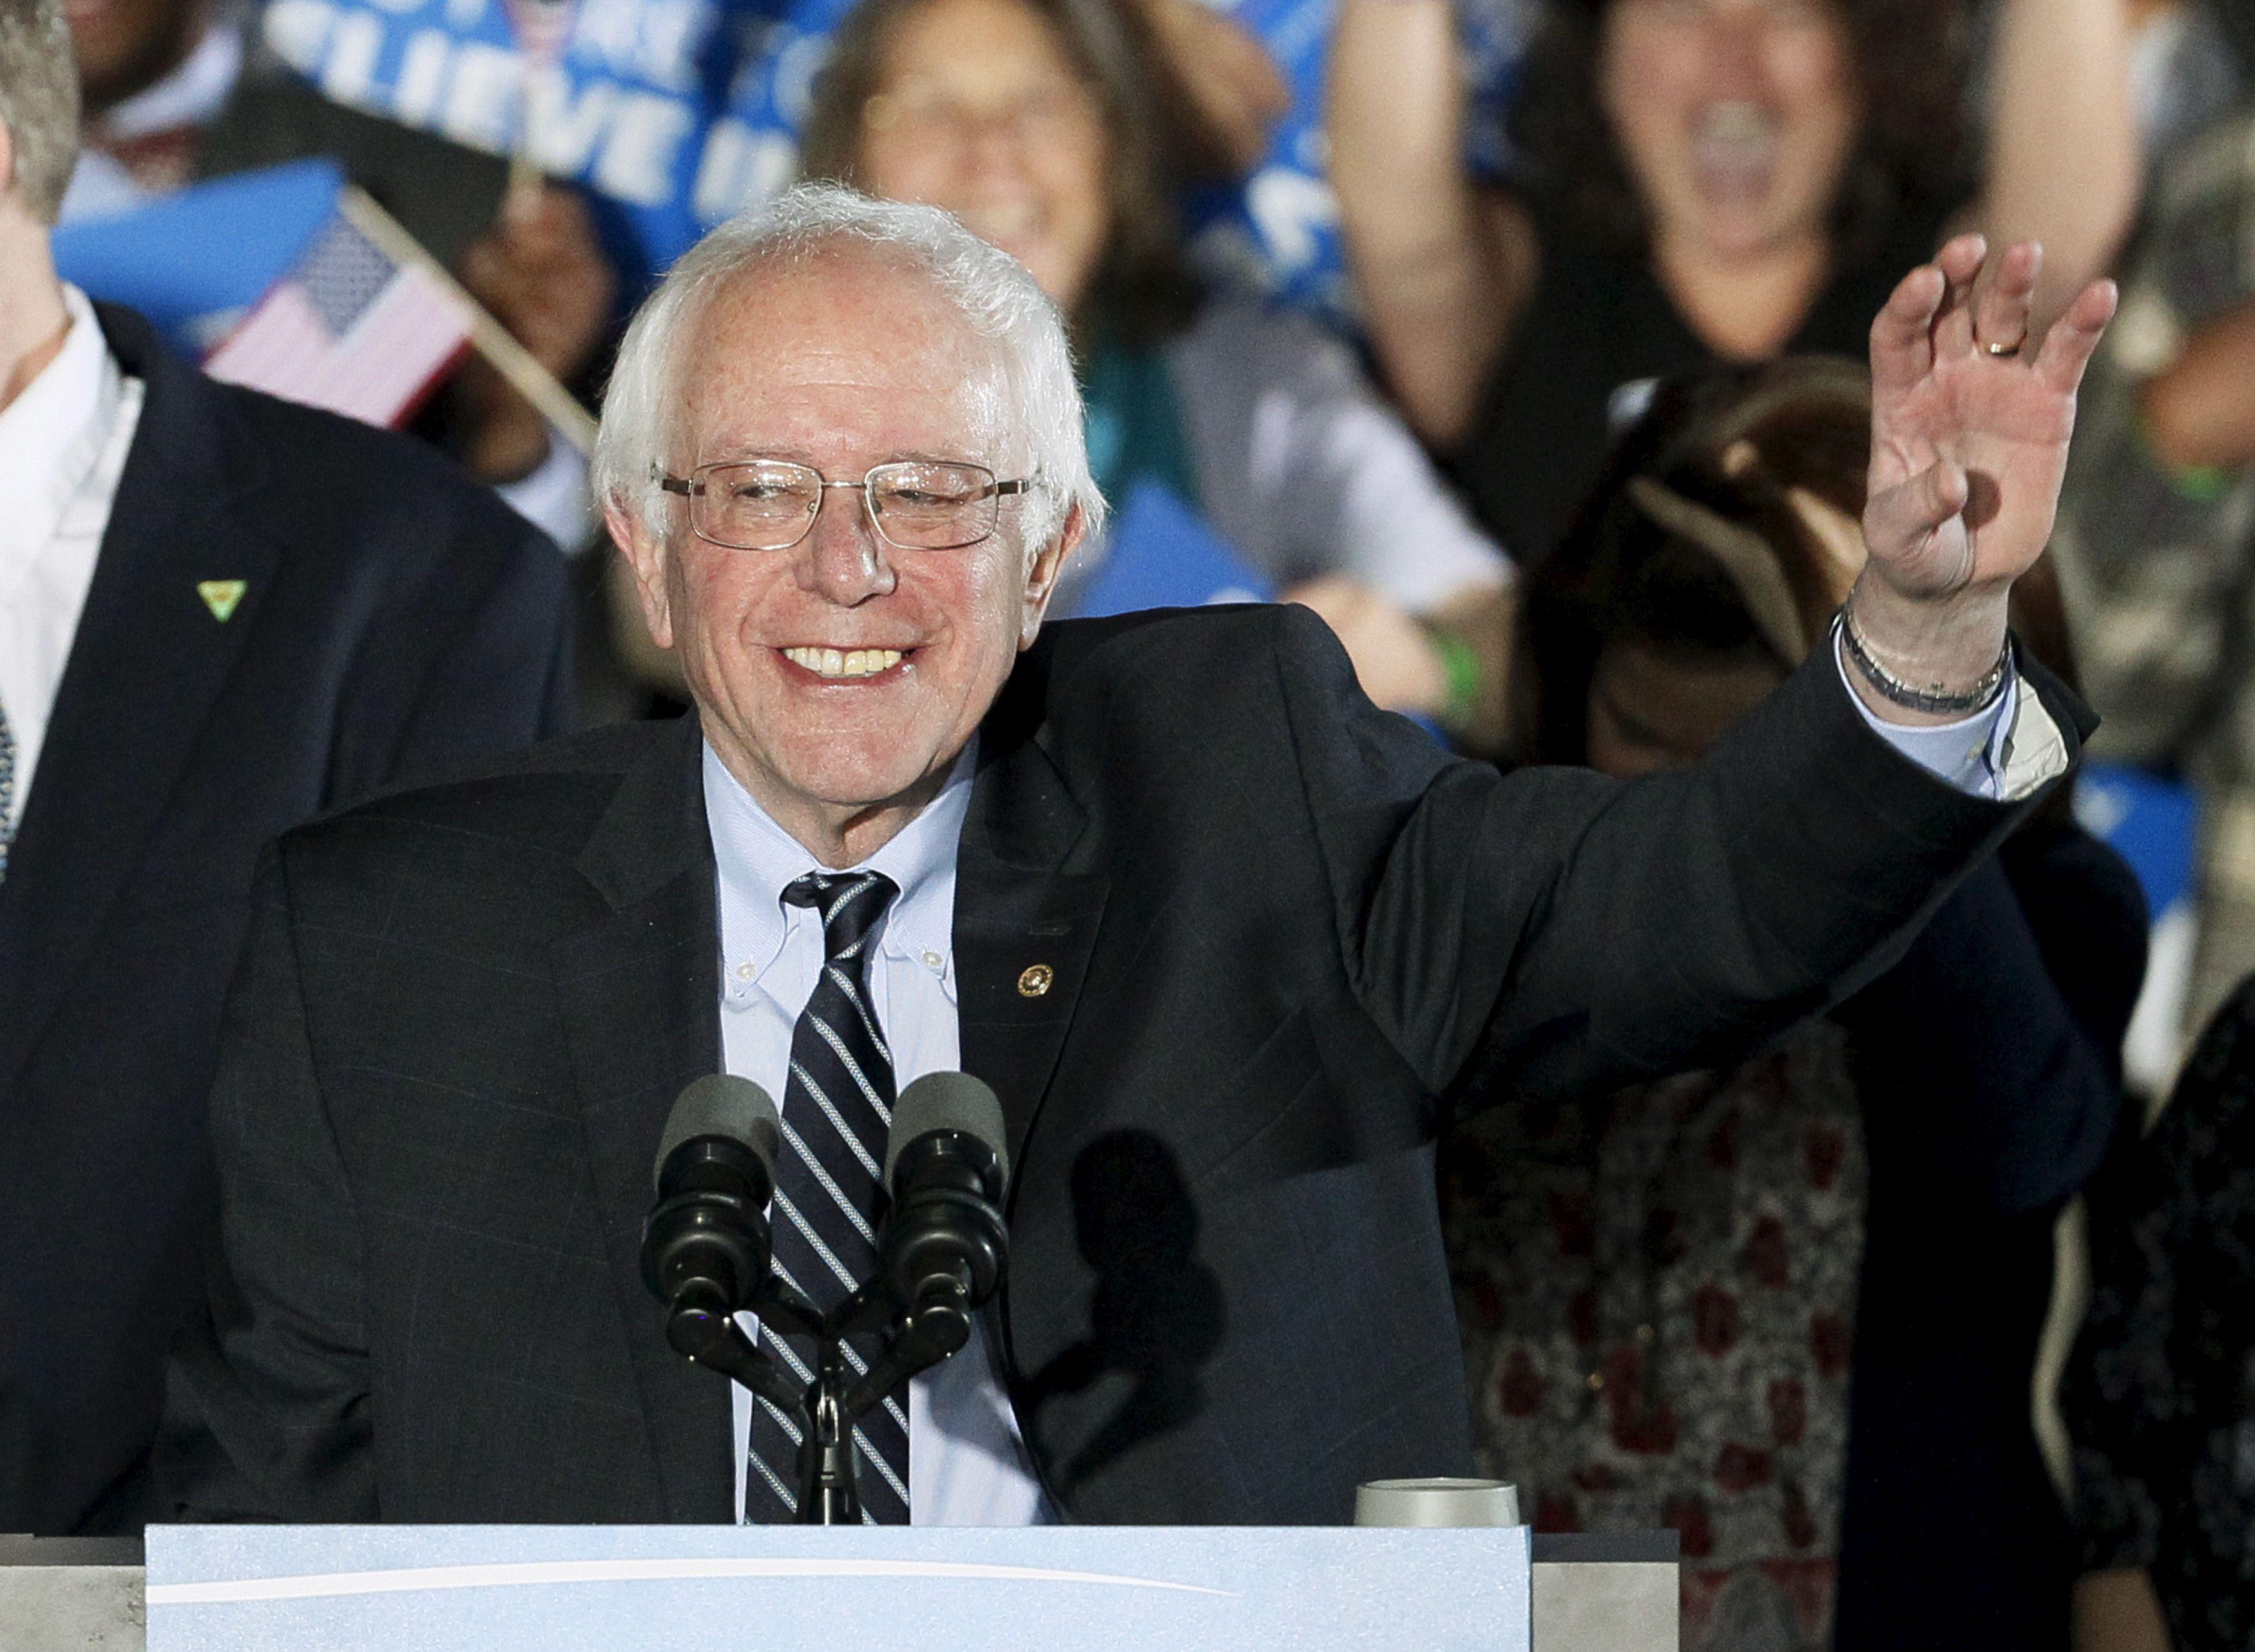 Pourquoi Bernie Sanders a raison de dire que les pauvres ne votent pas mais se trompe lourdement sur le fait que ça le désavantage lui